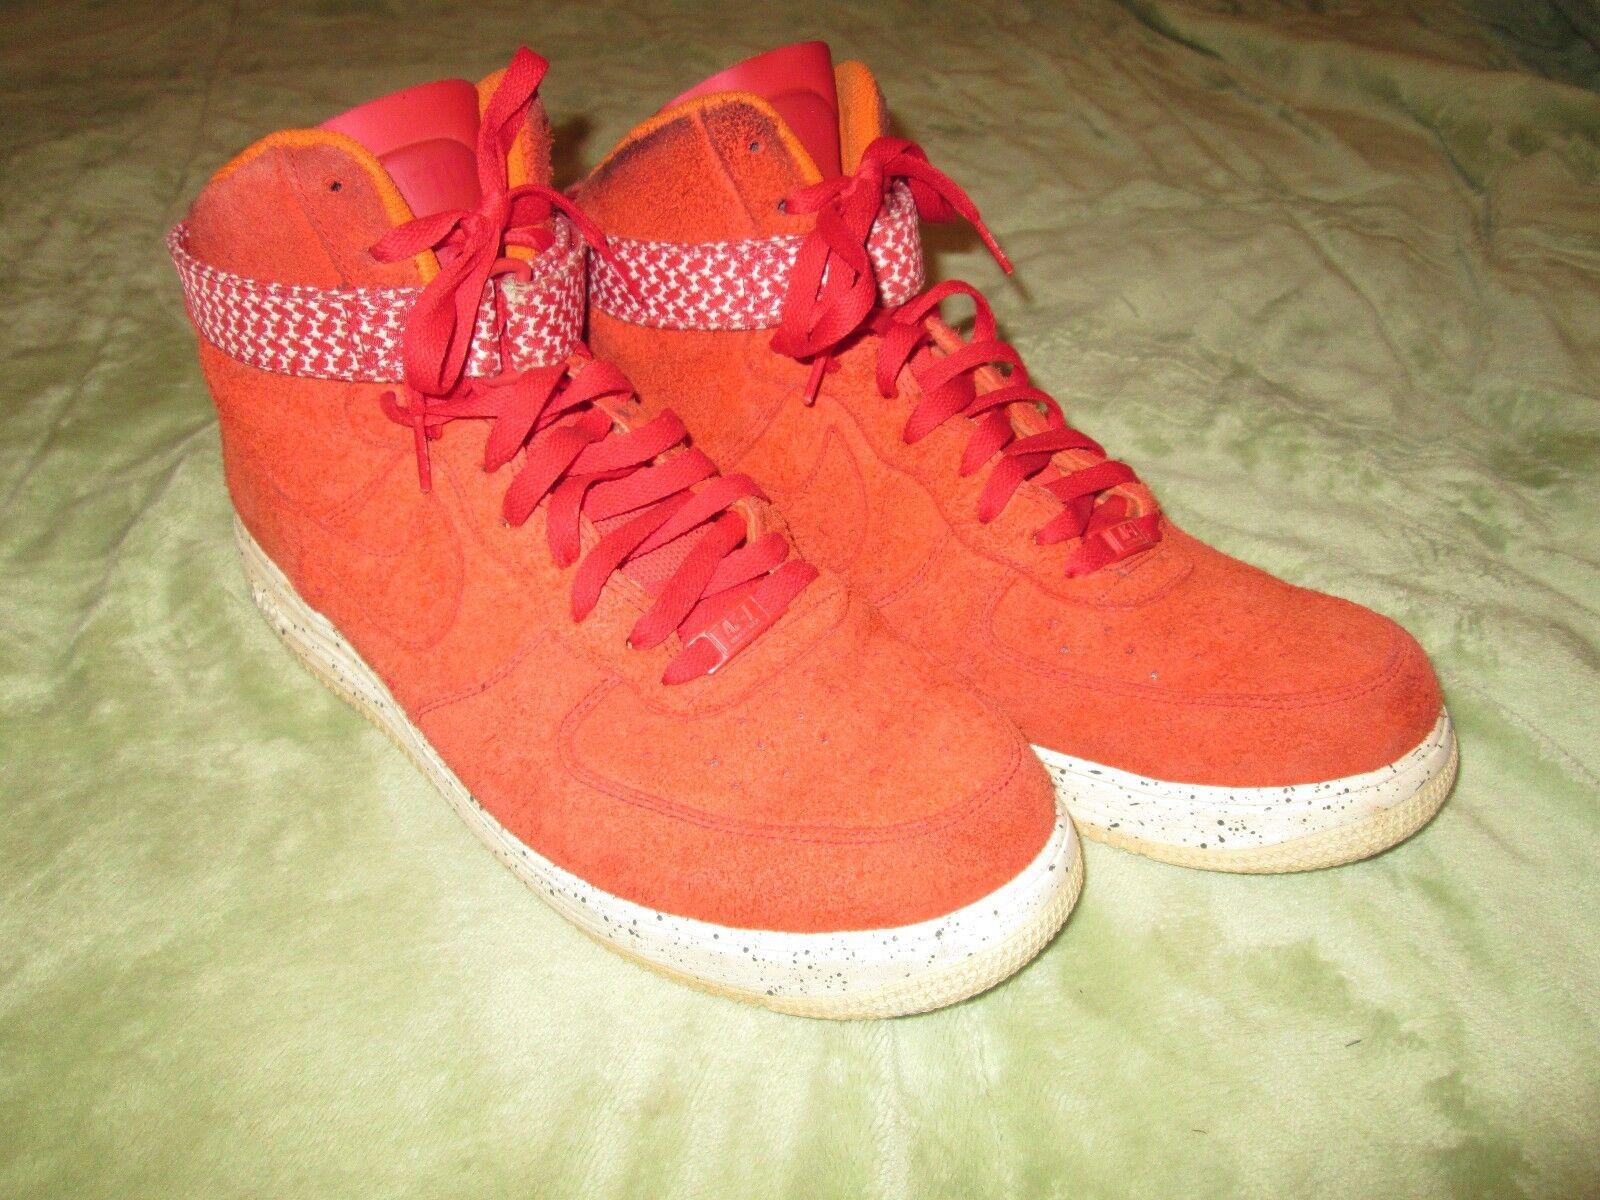 Nike Lunar Force 1 Hi UNDFTD SP Orange 652806 660 - mens 12